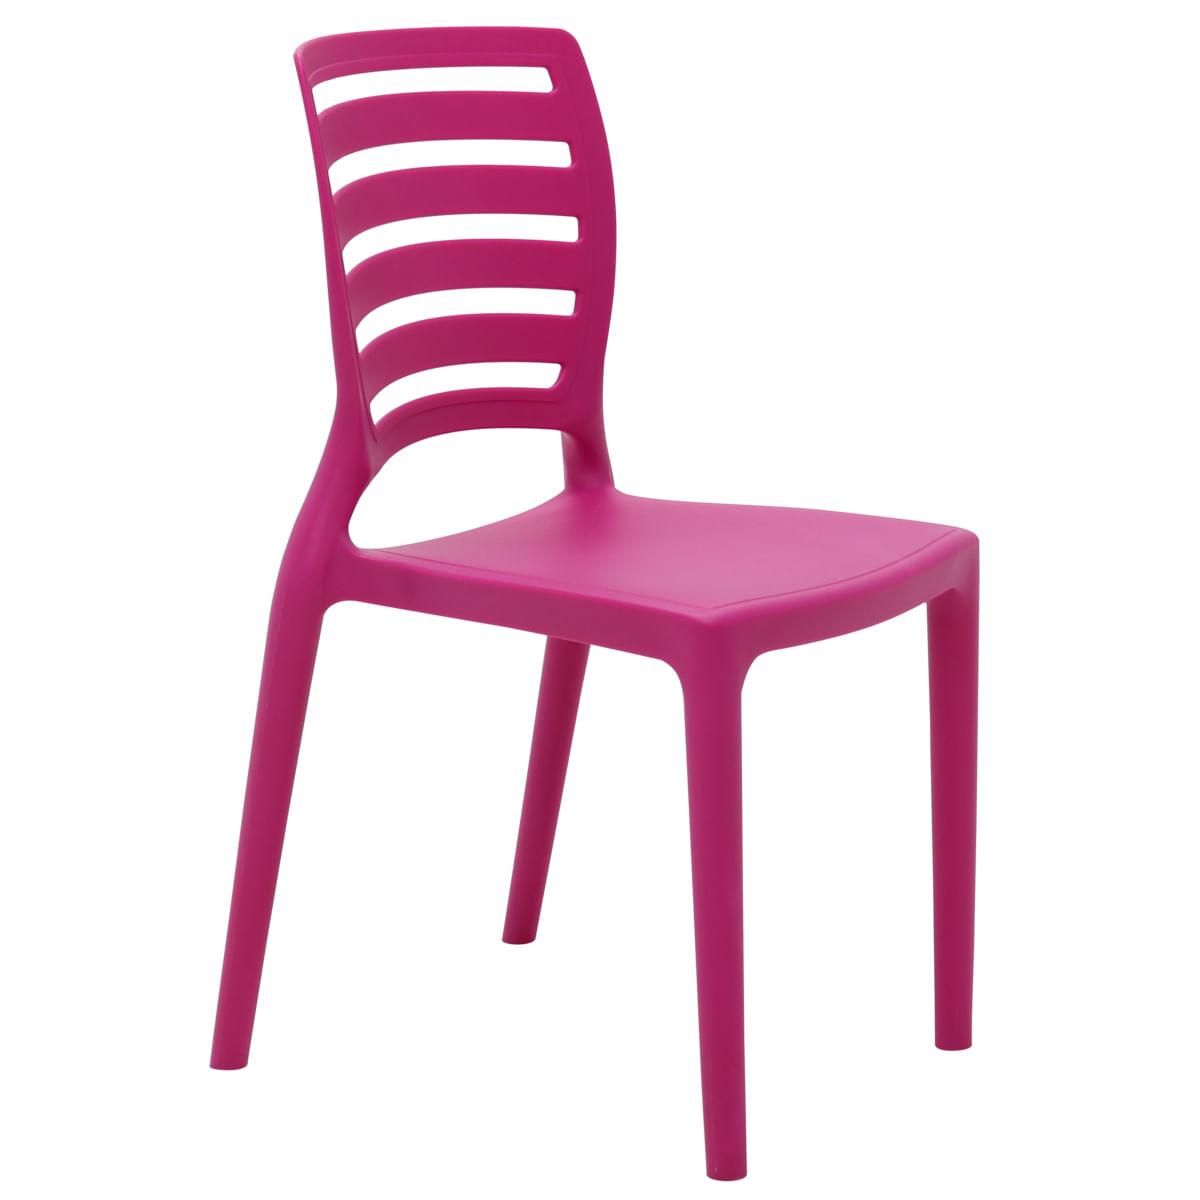 Cadeira Infantil Tramontina Sofia Rosa em Polipropileno e Fibra de Vidro